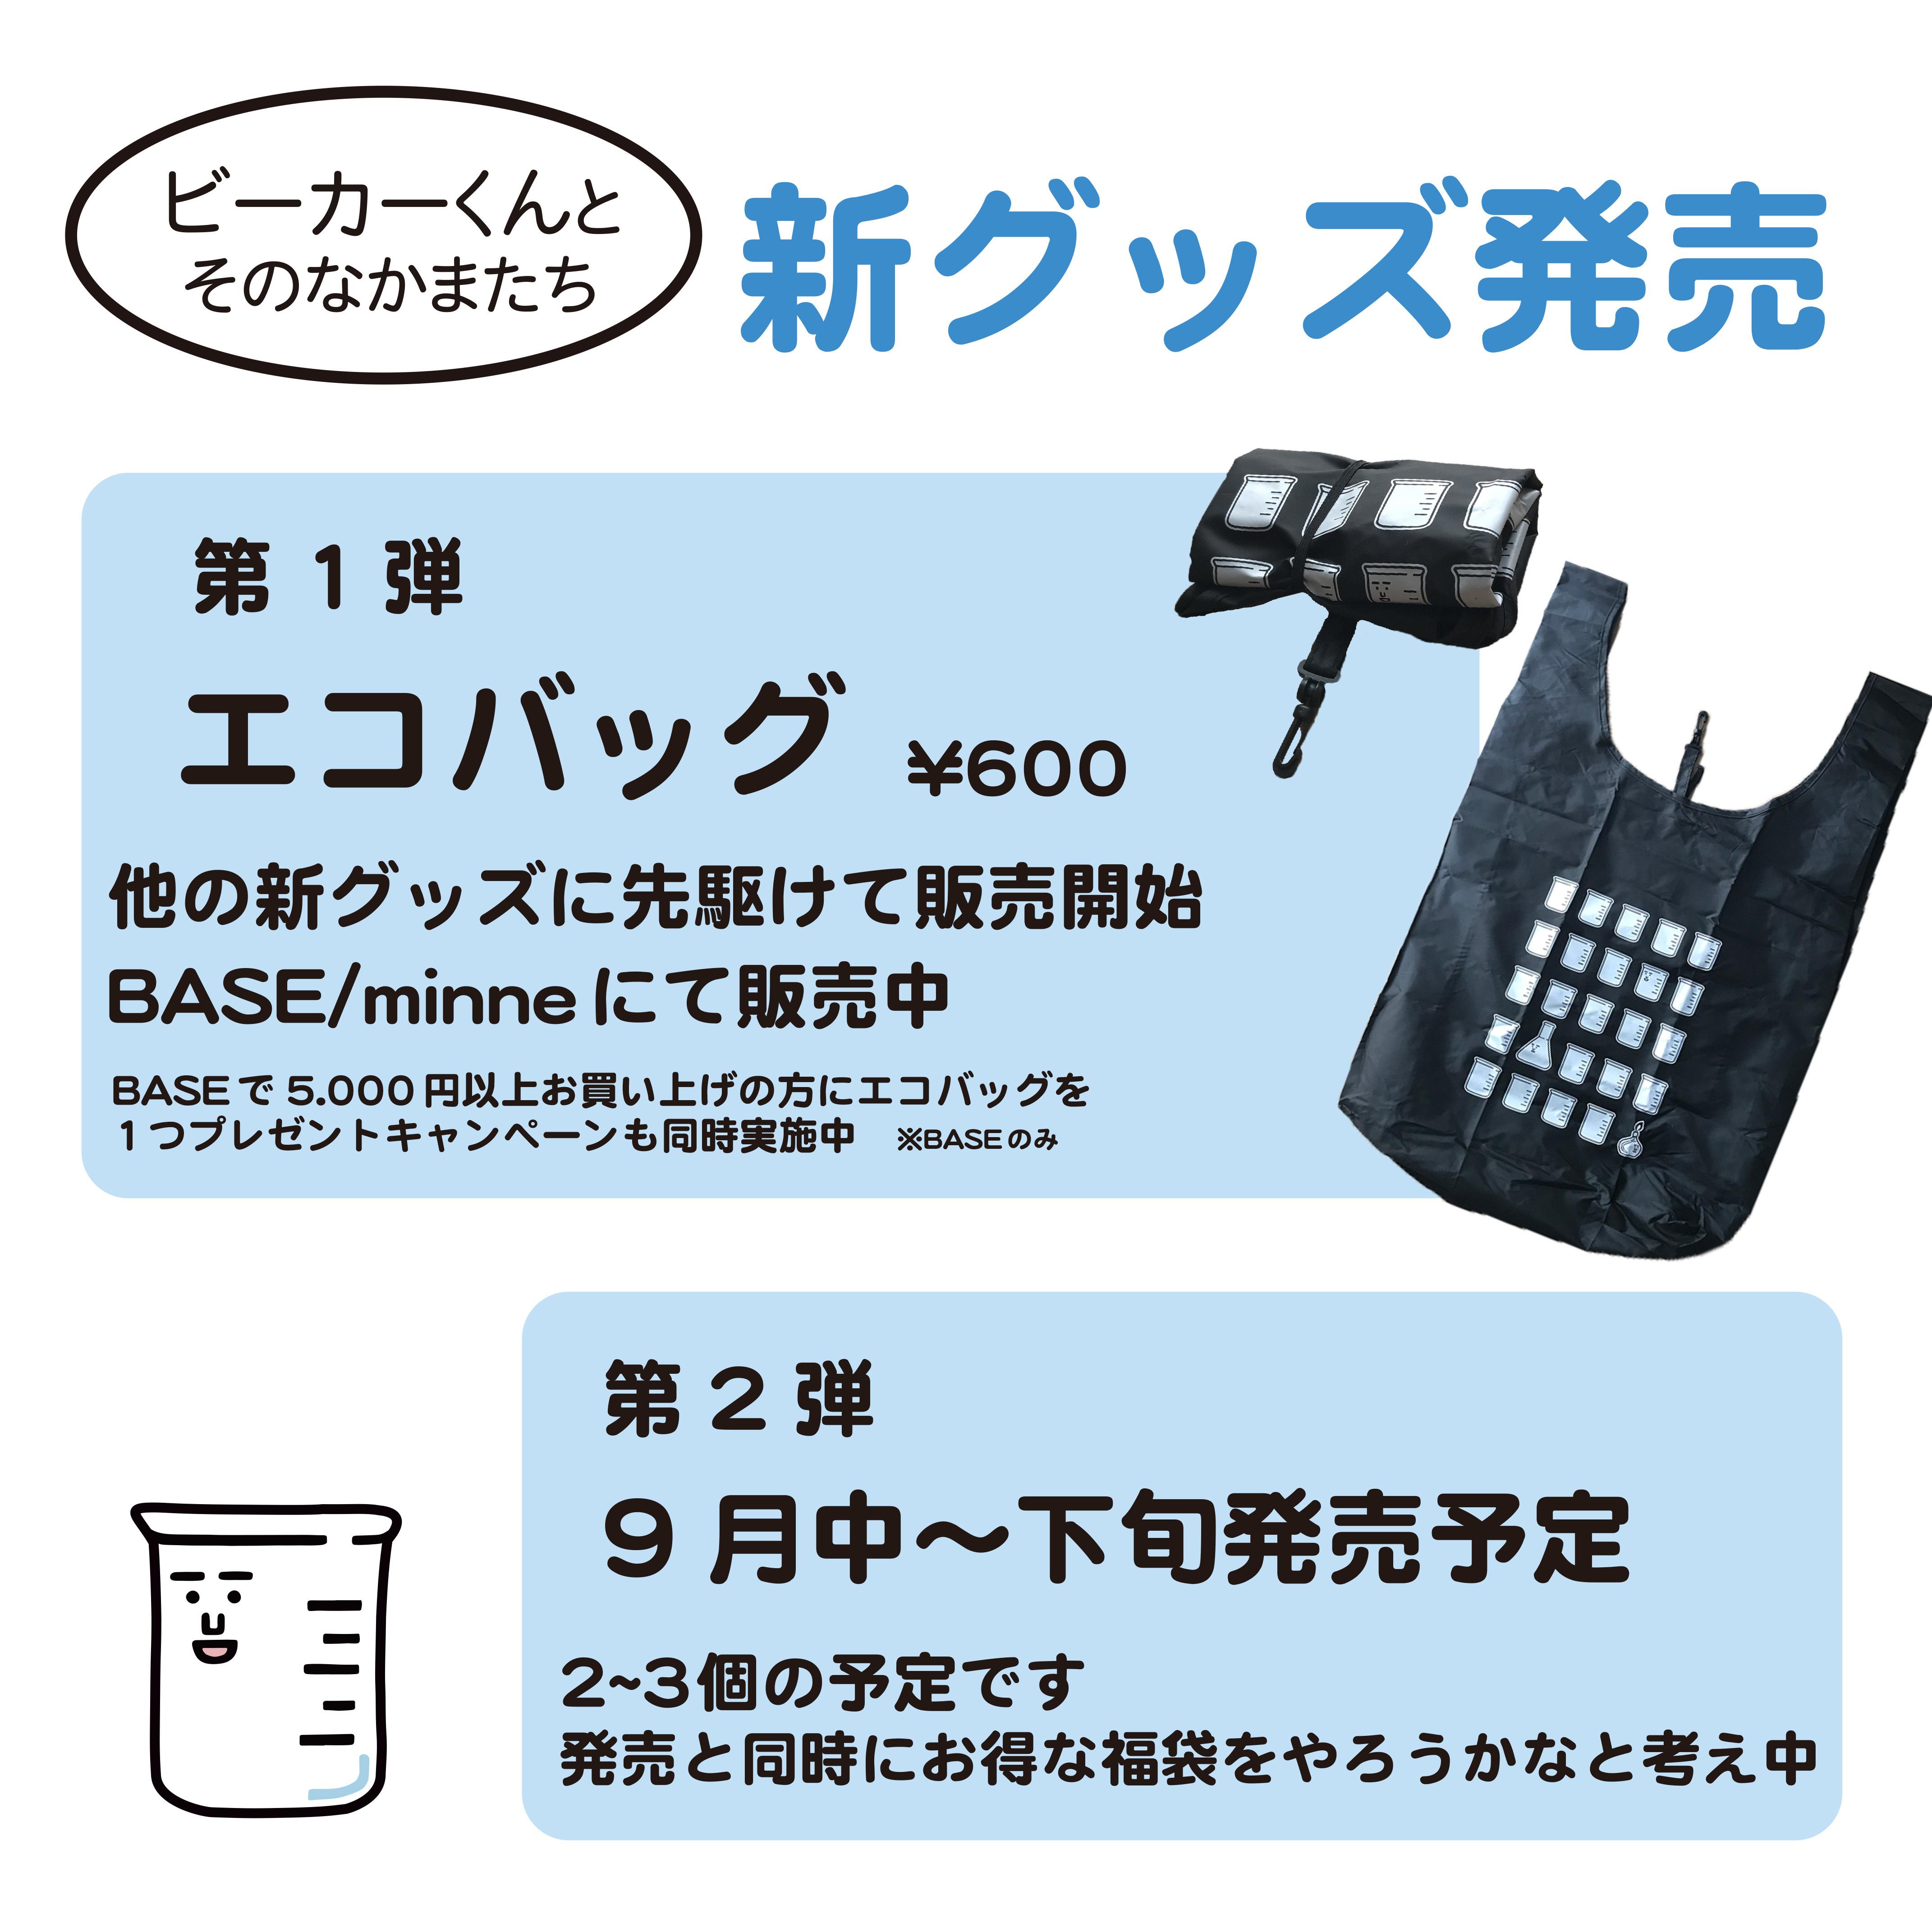 ビーカーくん新グッズ発売1